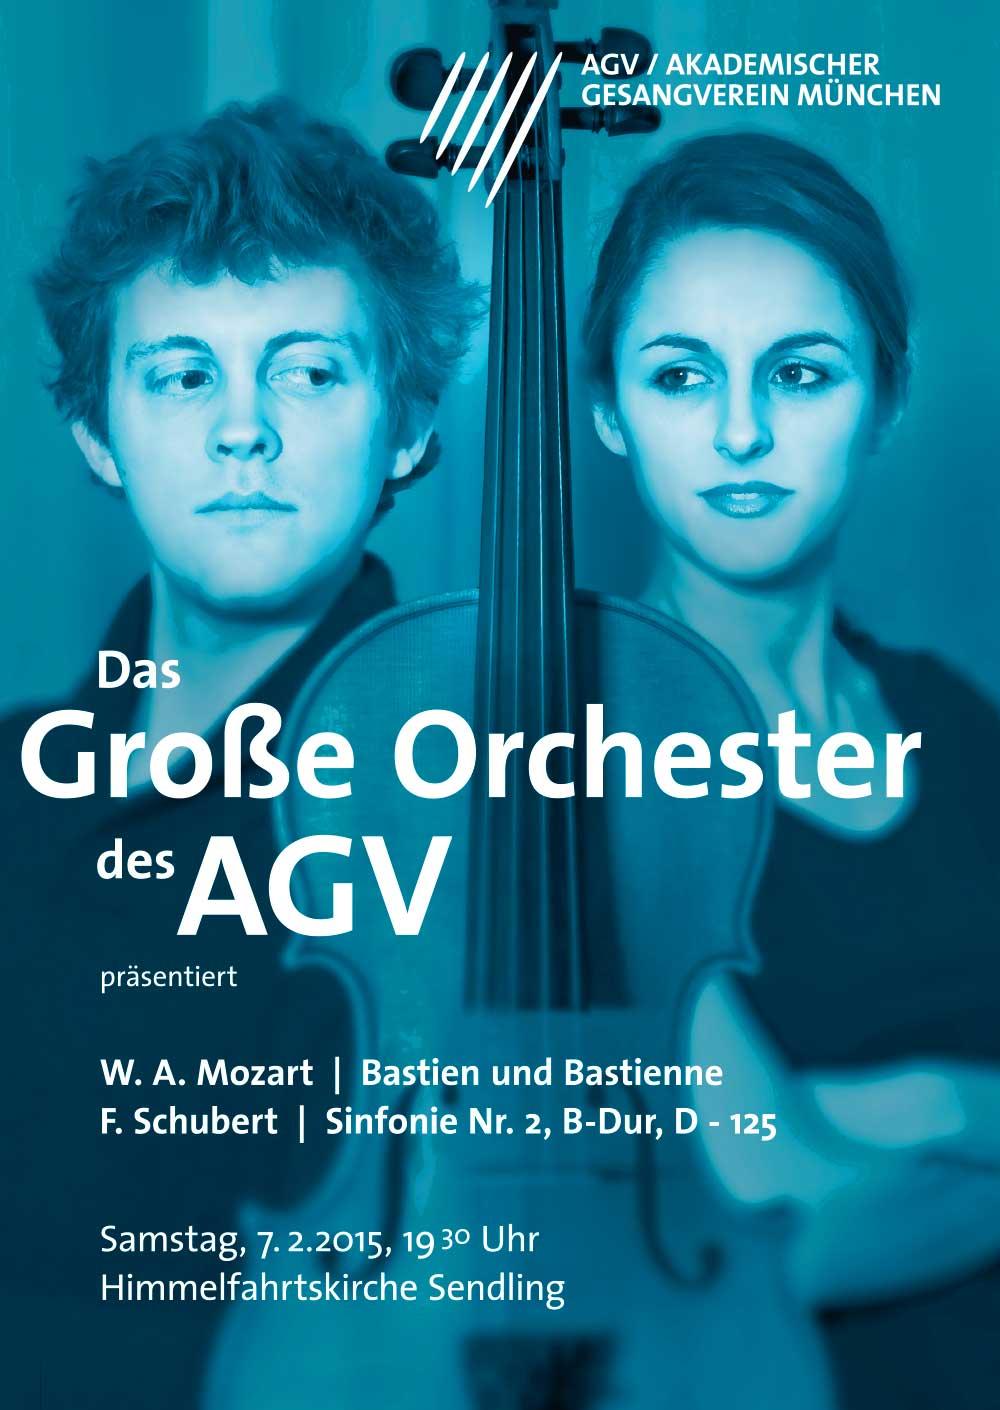 Plakatdesign für Akademischer Gesangsverein München Bastian & Bastienne Poster